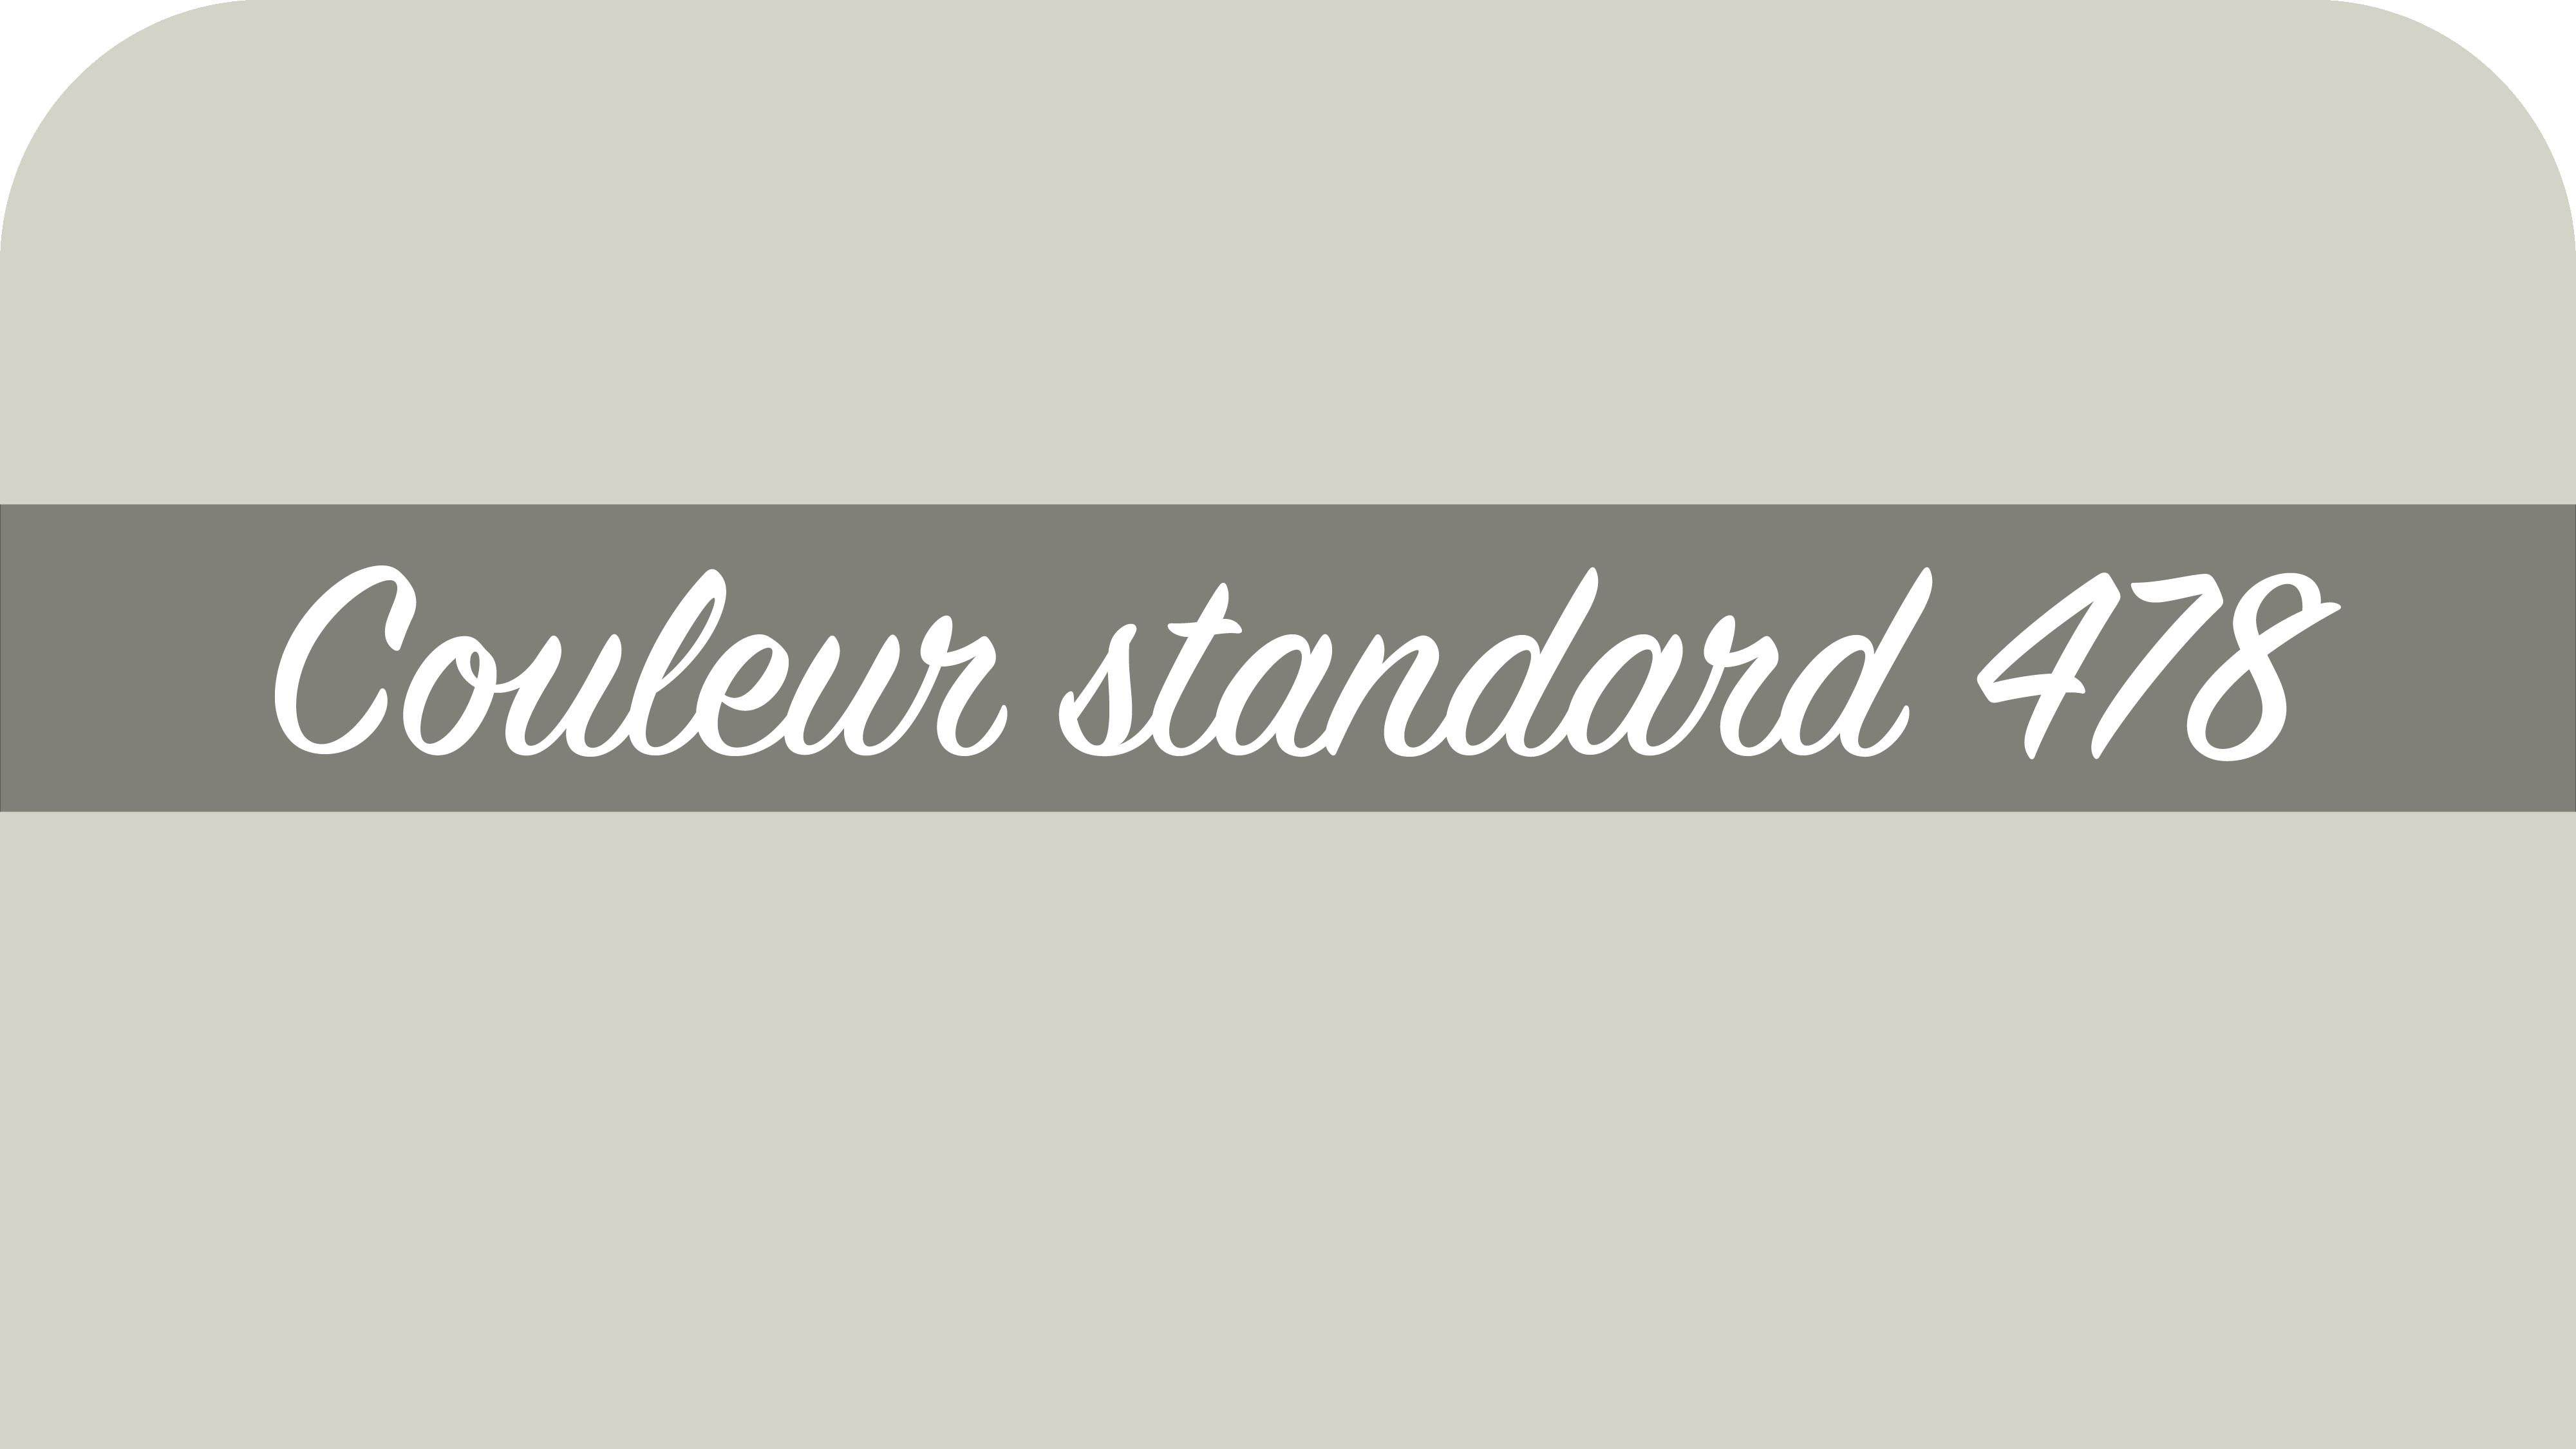 couleur-standard-478